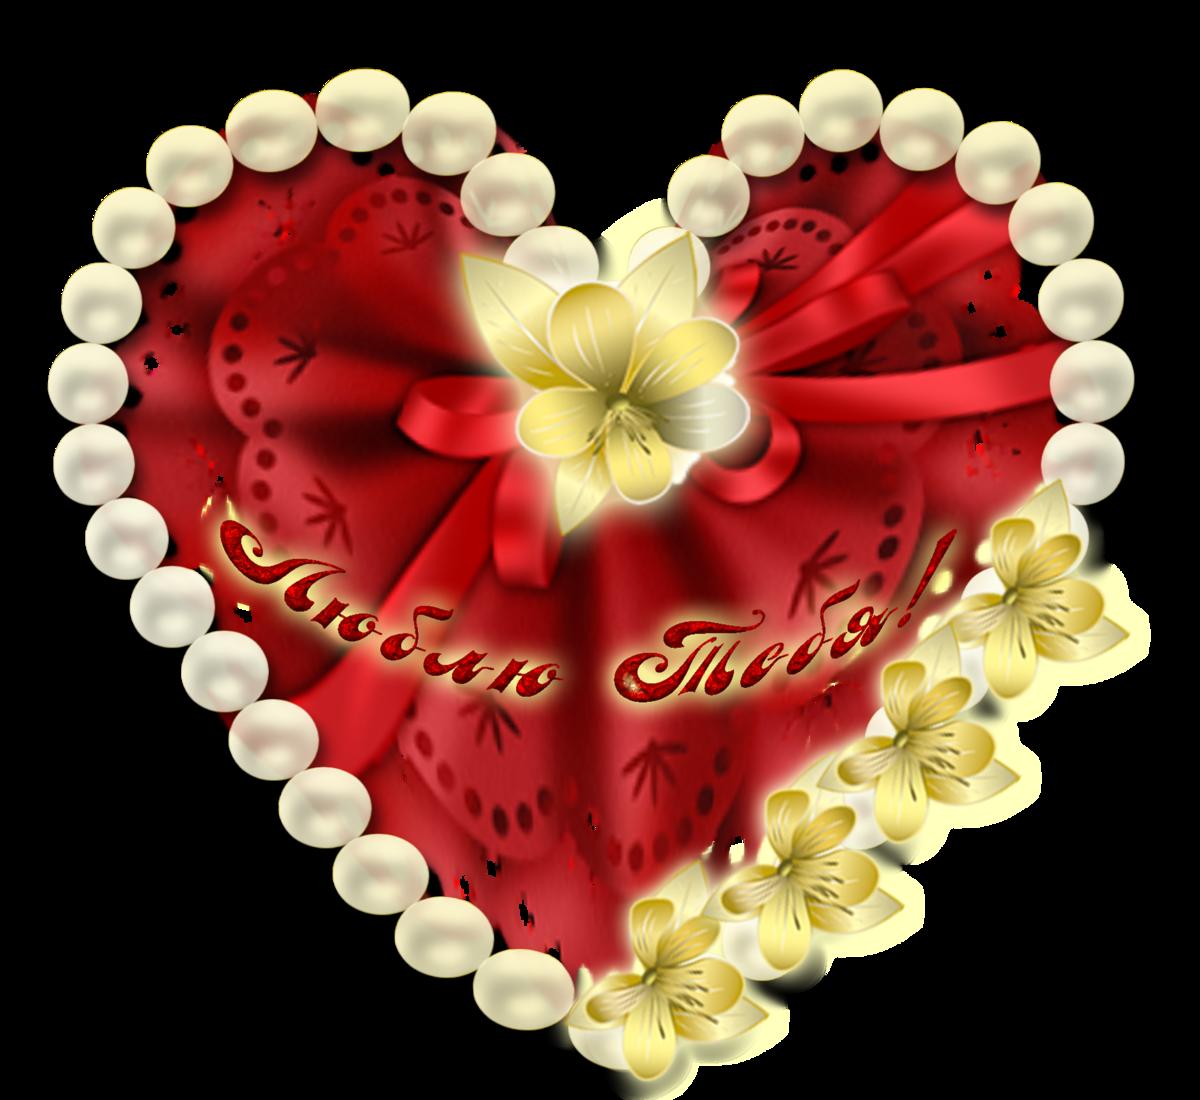 Валентинки фото красивые